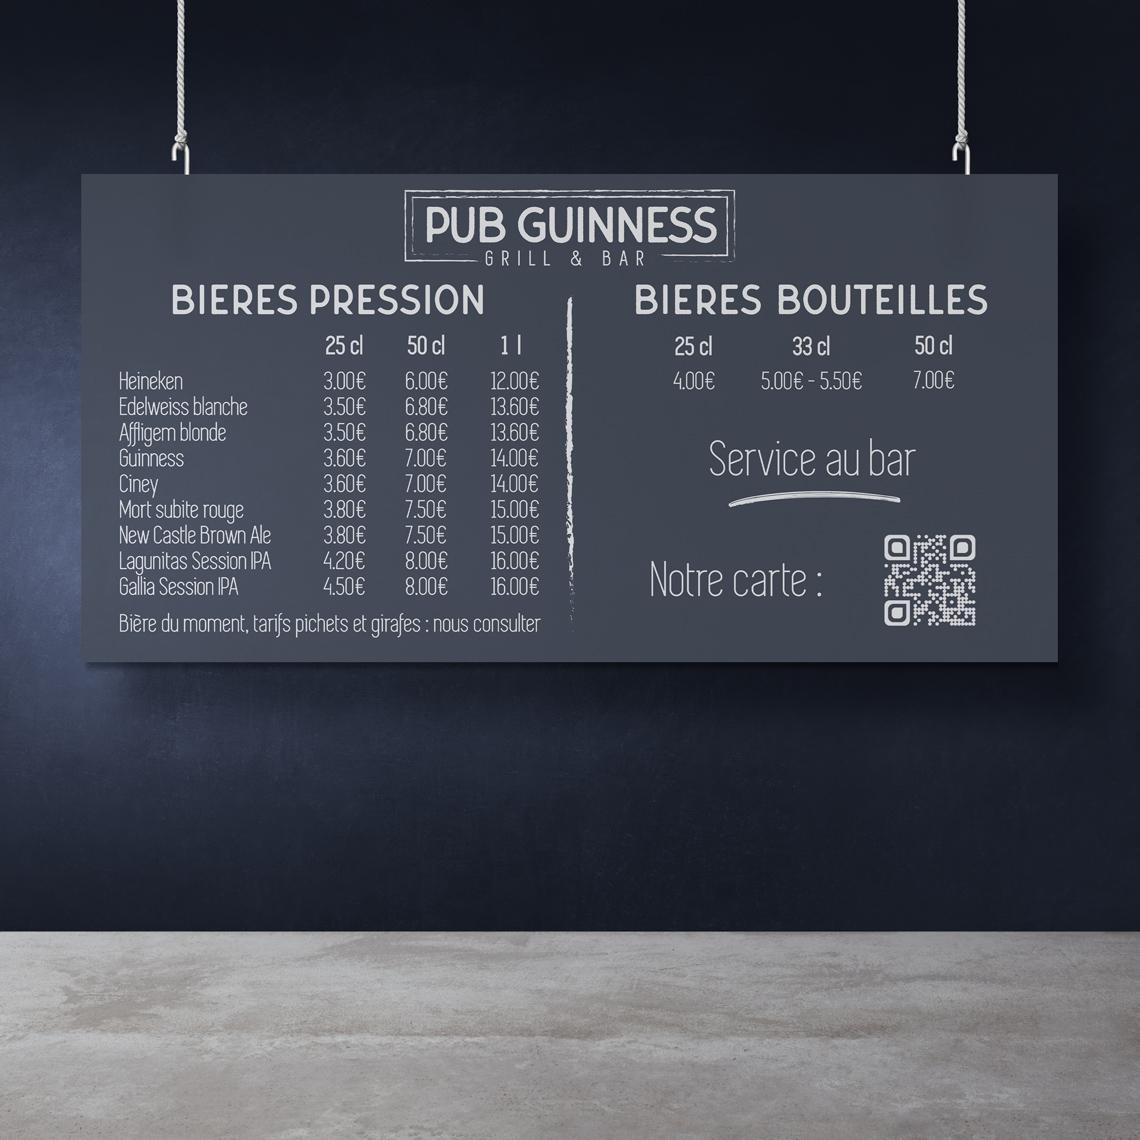 panneau-tarifaire-bar-pub-guinness